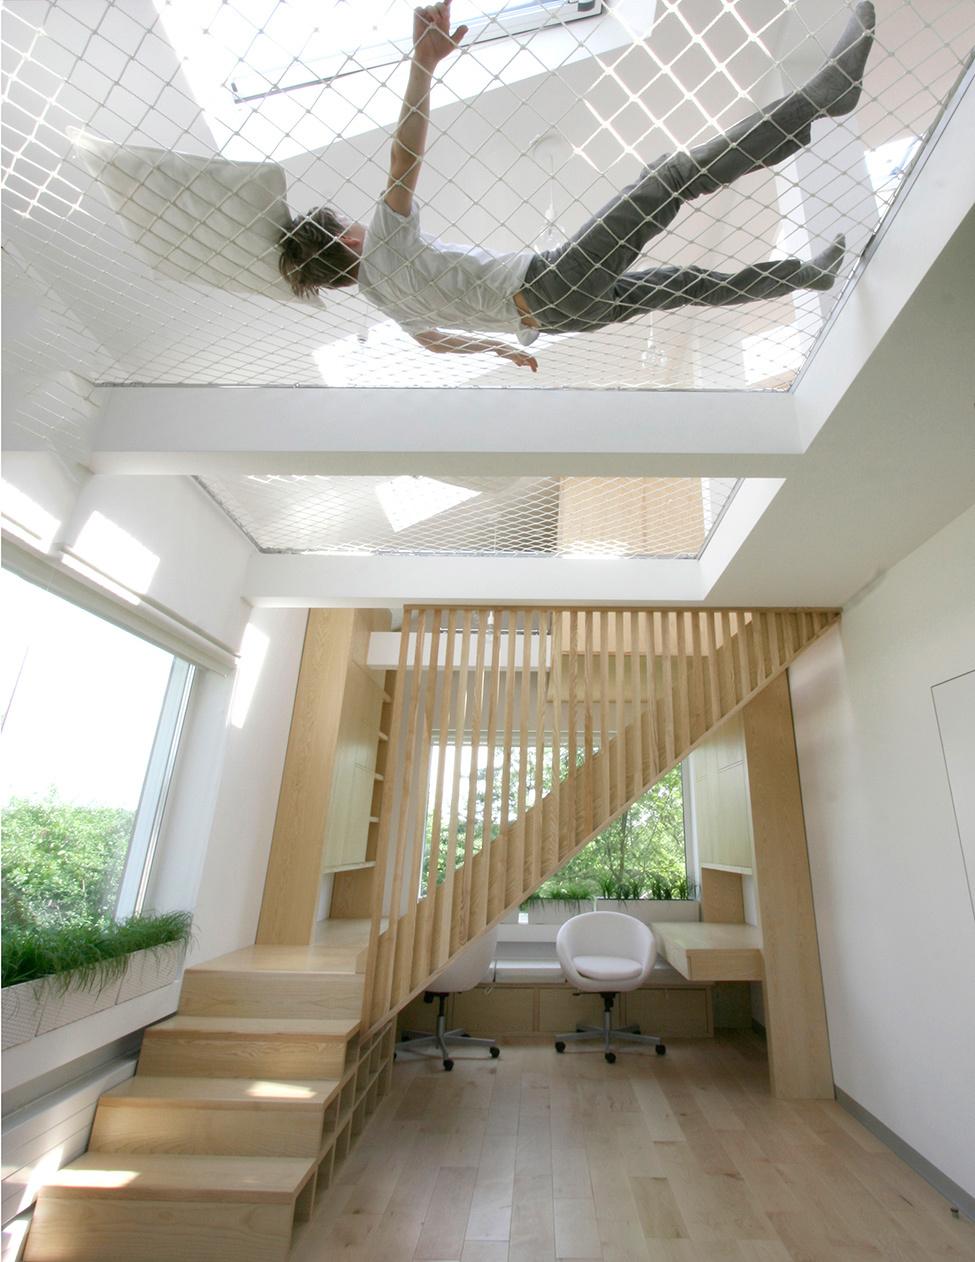 При помощи крепкой сетки, можно организовать себе шикарное место отдыха.